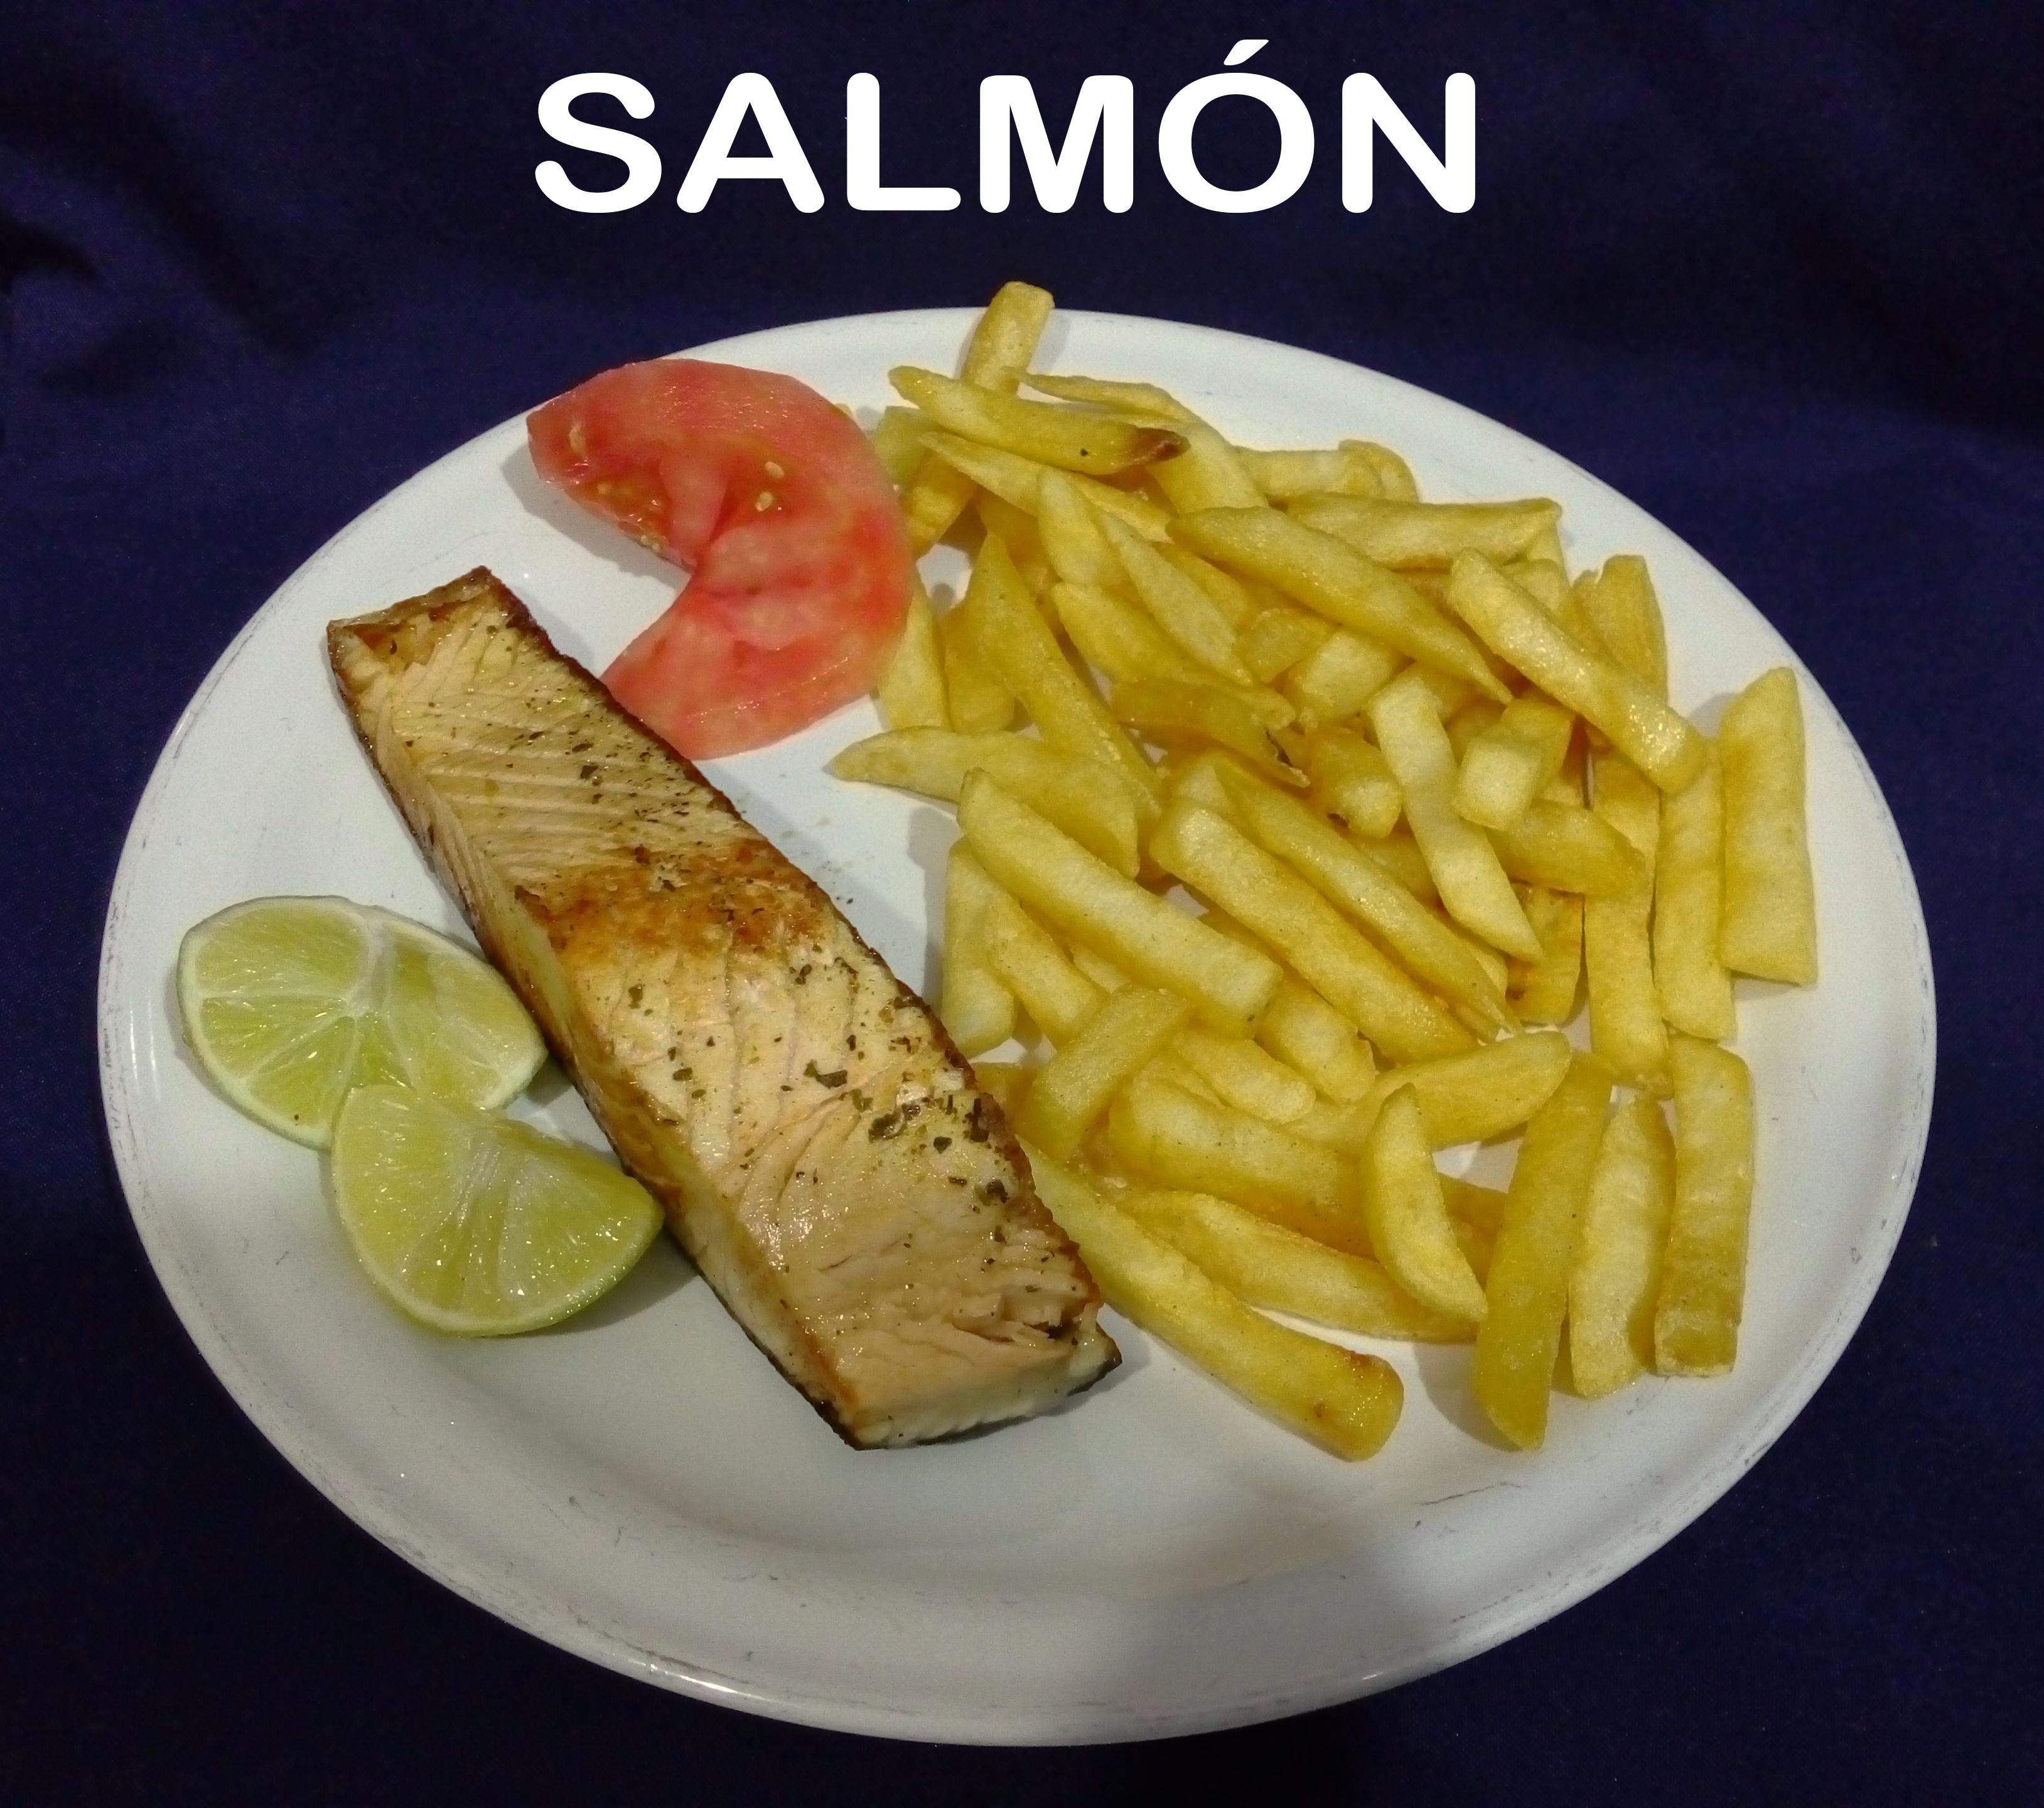 https://0201.nccdn.net/1_2/000/000/09d/a02/salmon-3256x2880.jpg